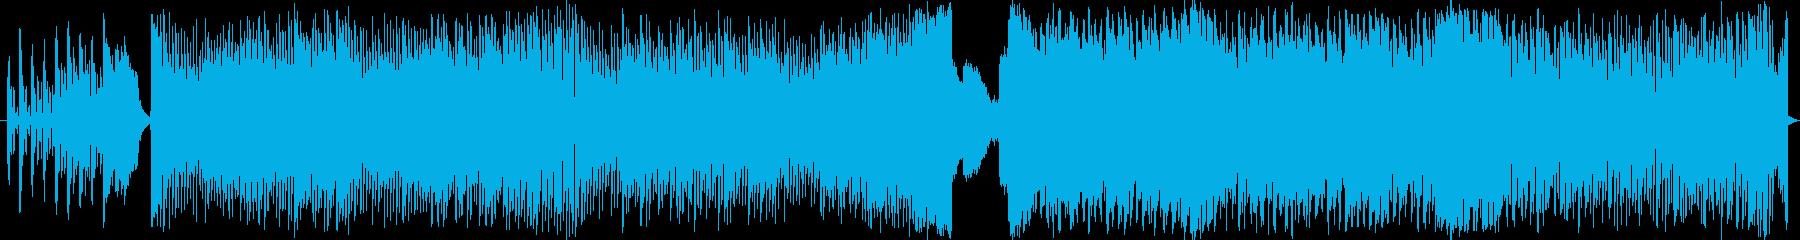 若者向けを意識したフューチャーファンクの再生済みの波形